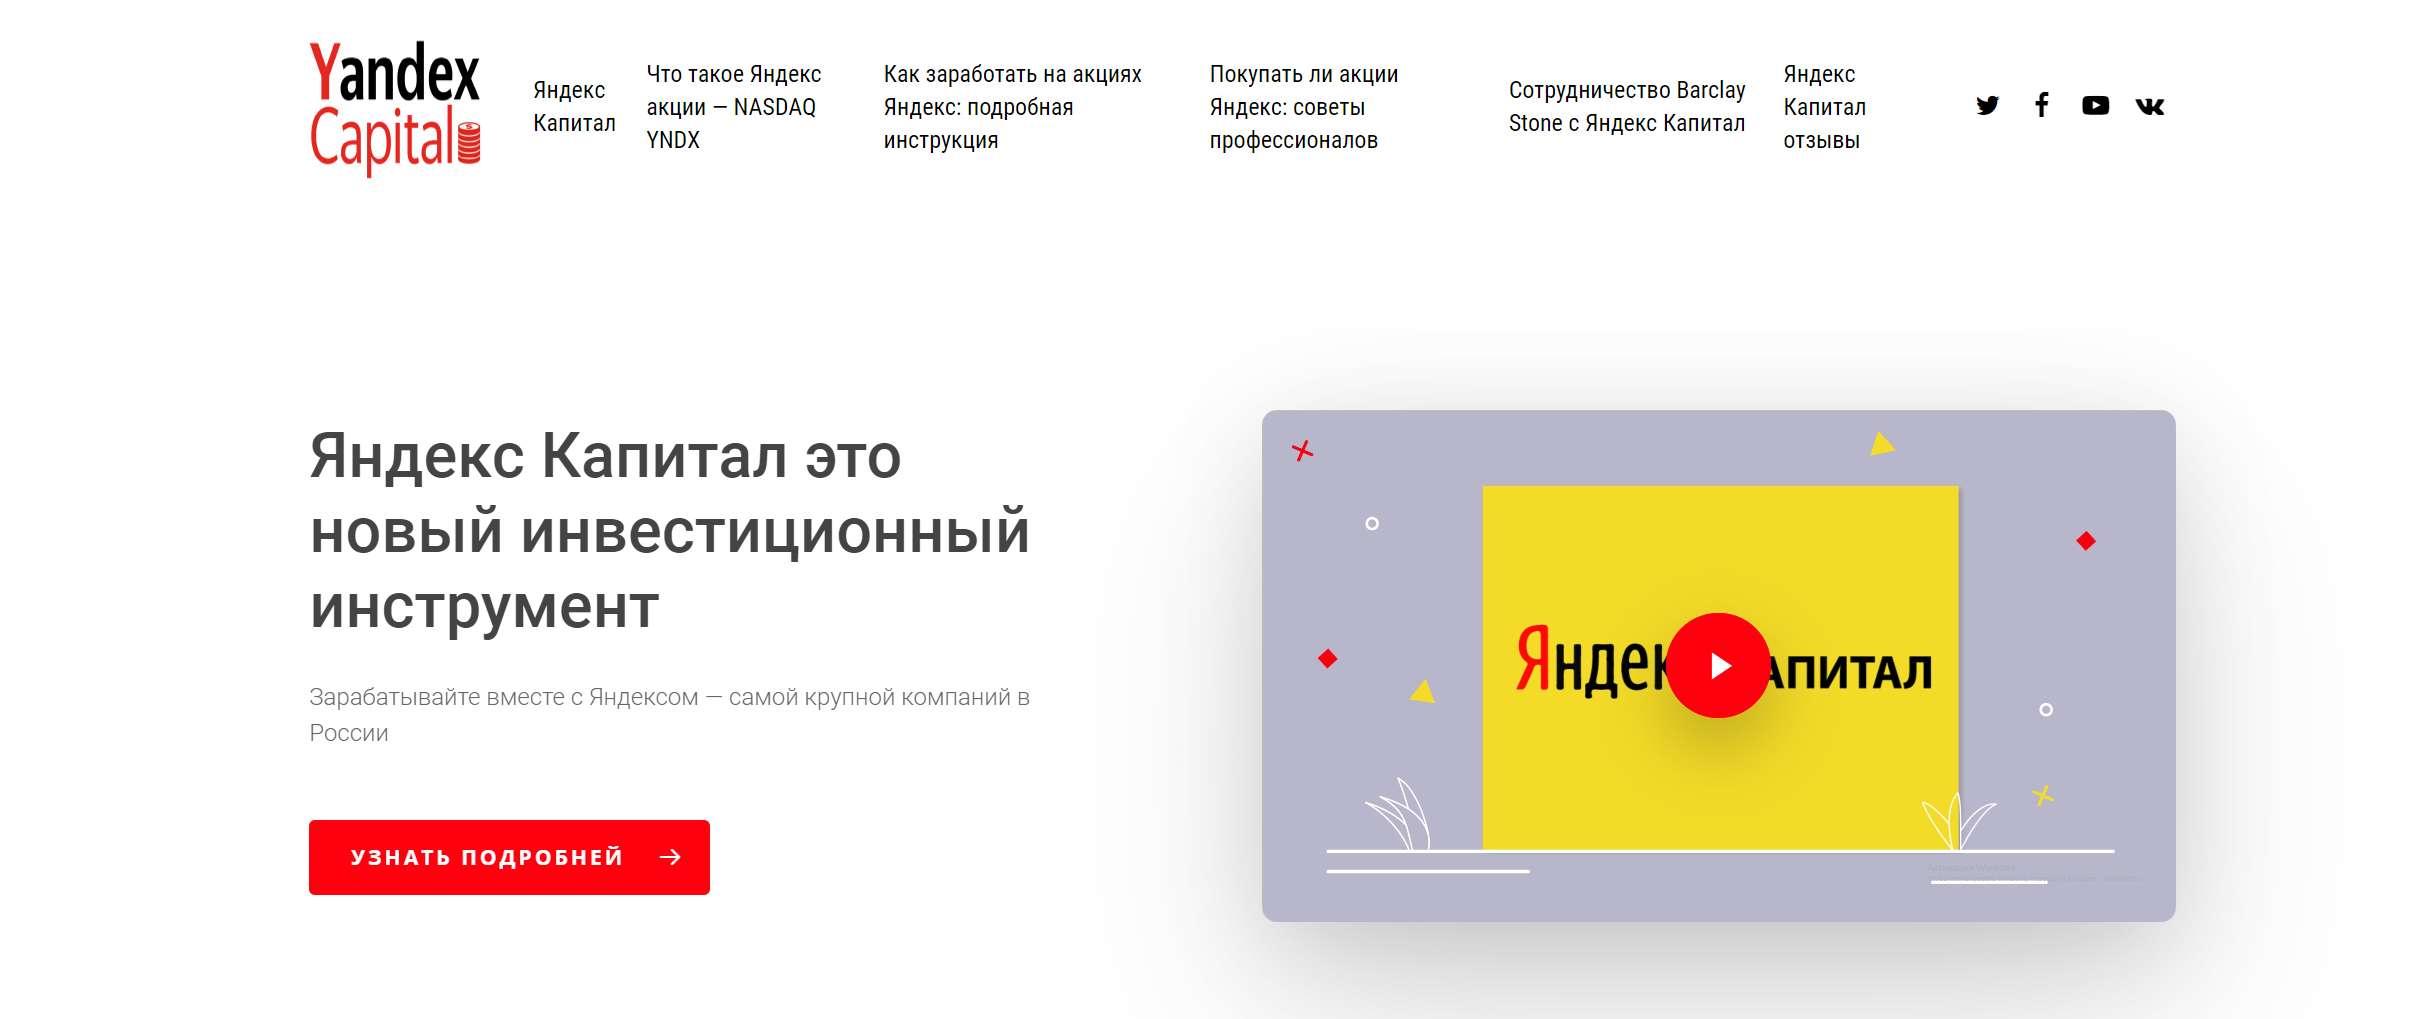 """Обзор платформы Яндекс Капитал - Связи с """"Яндекс"""" нет, обман - есть!"""